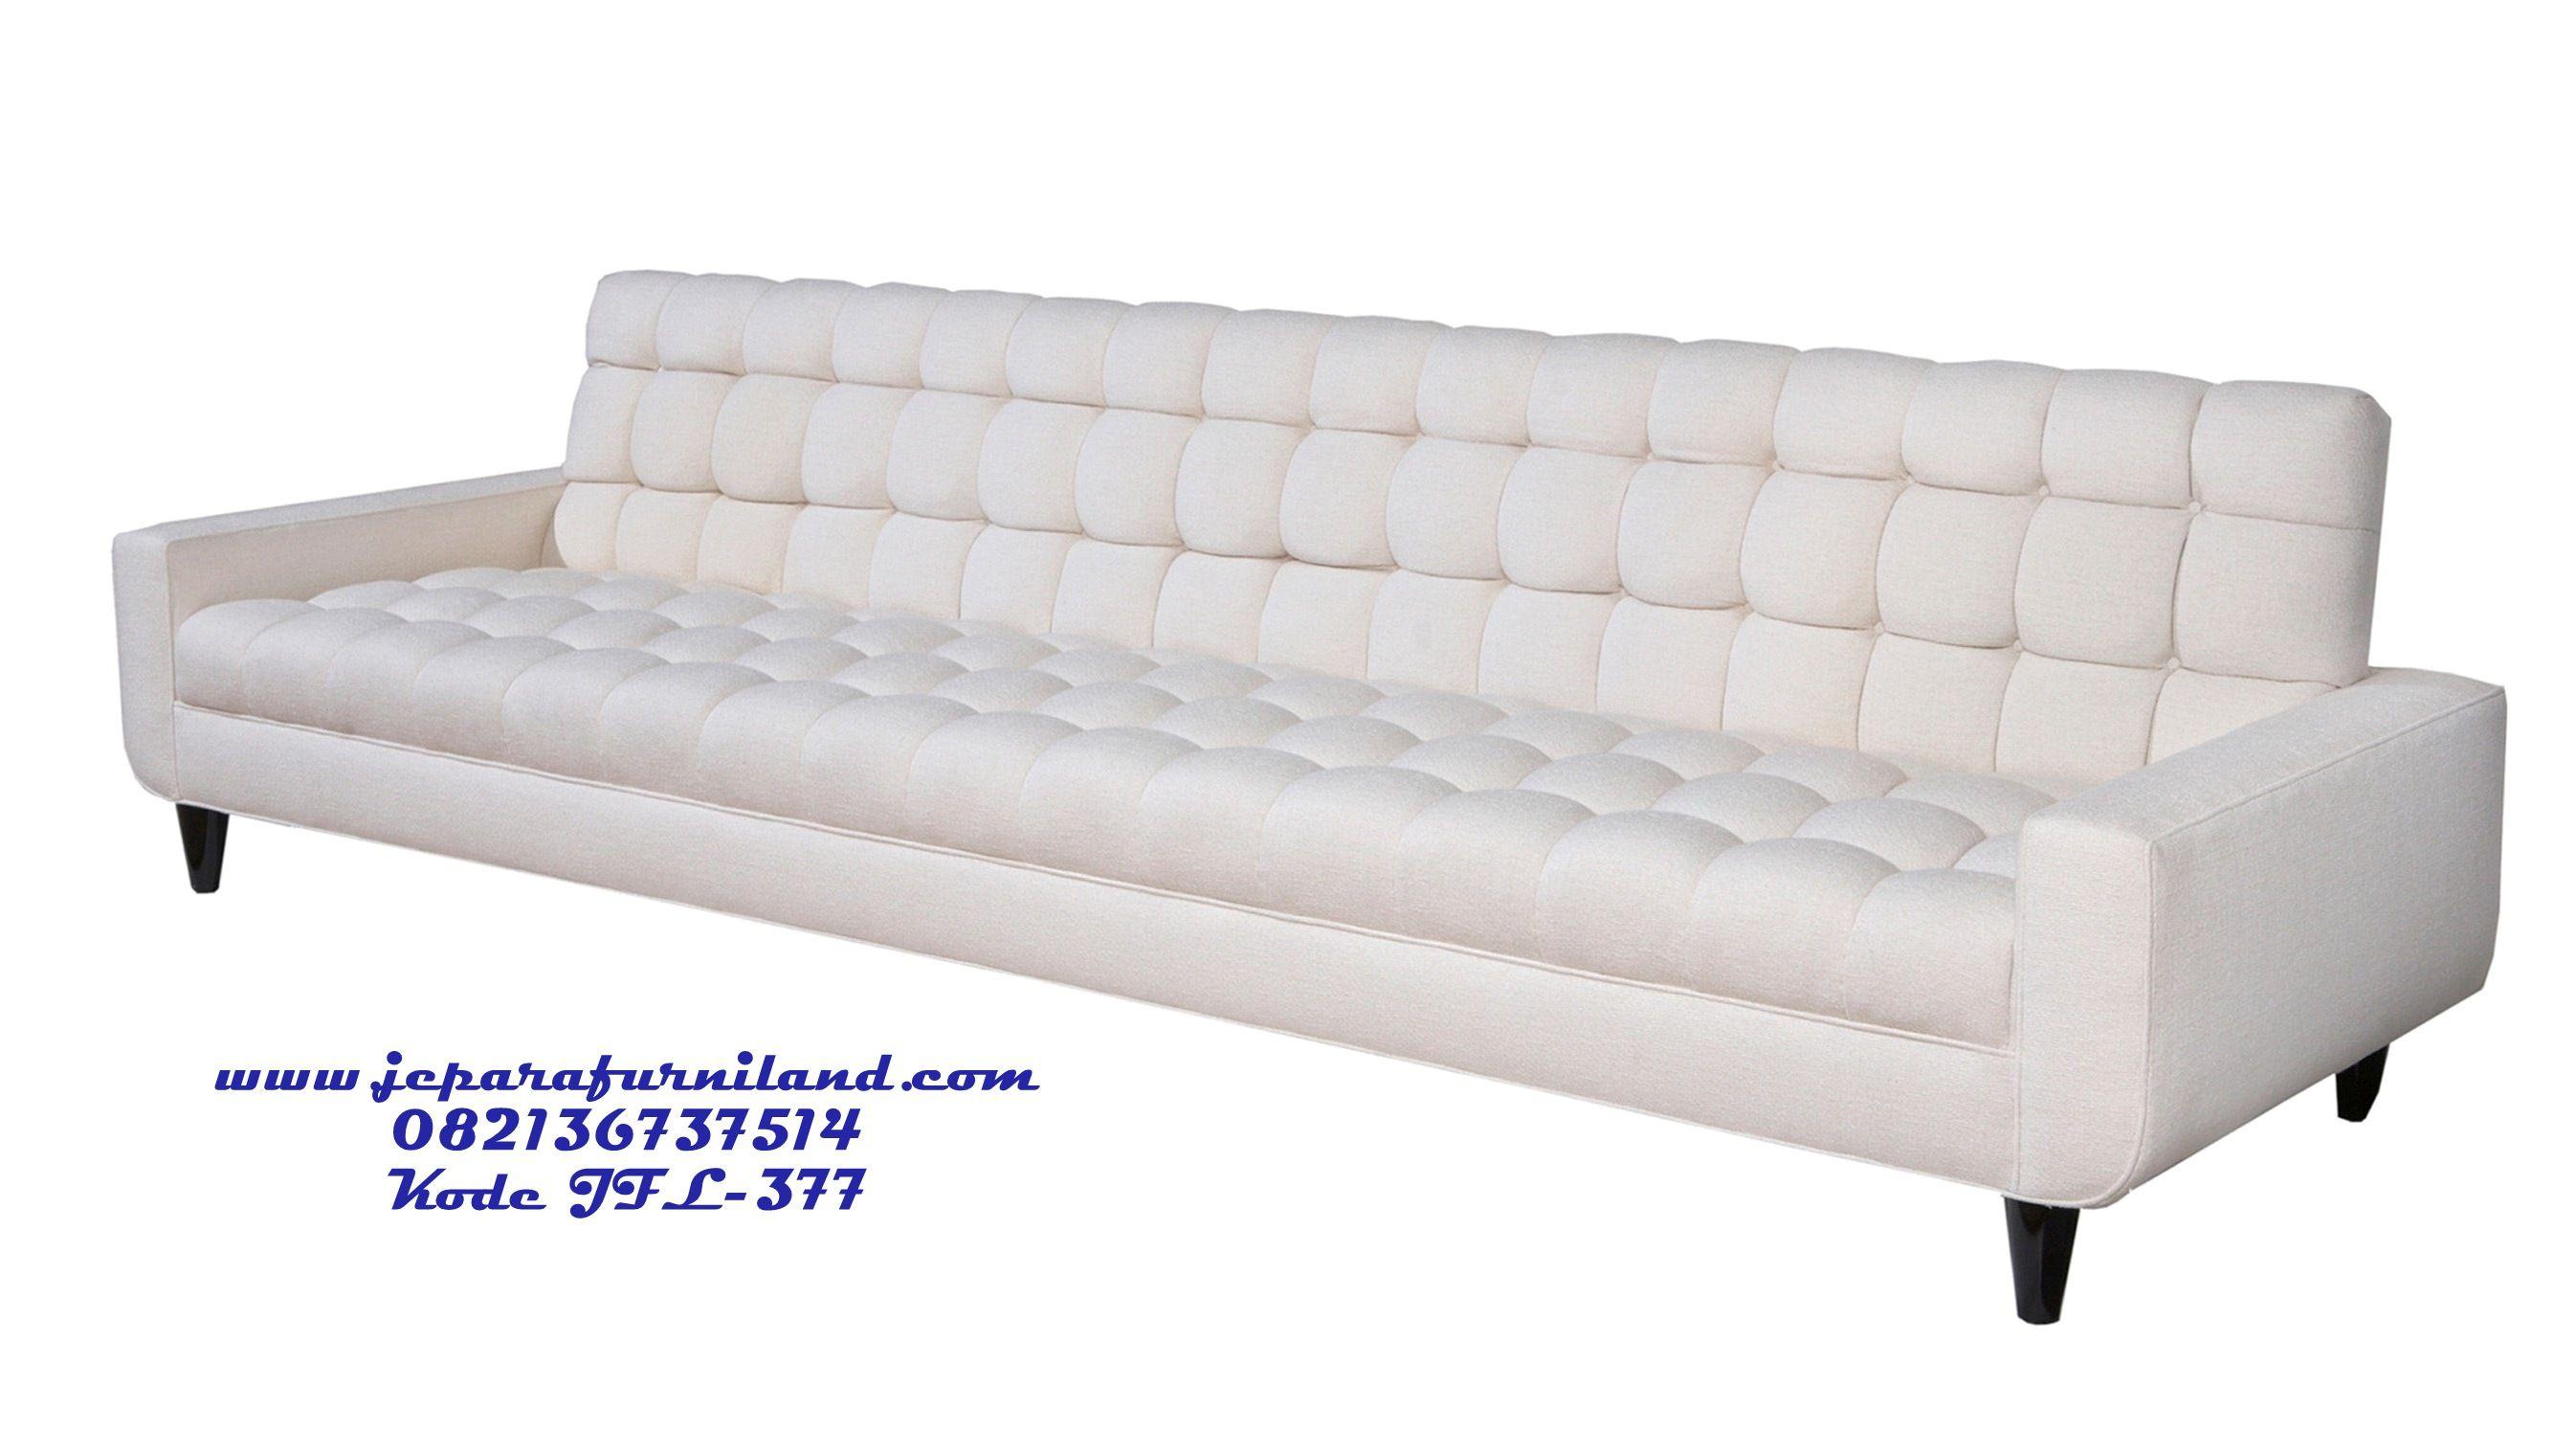 Harga Kursi Sofa Minimalis Model New York, Sofa Panjag Full